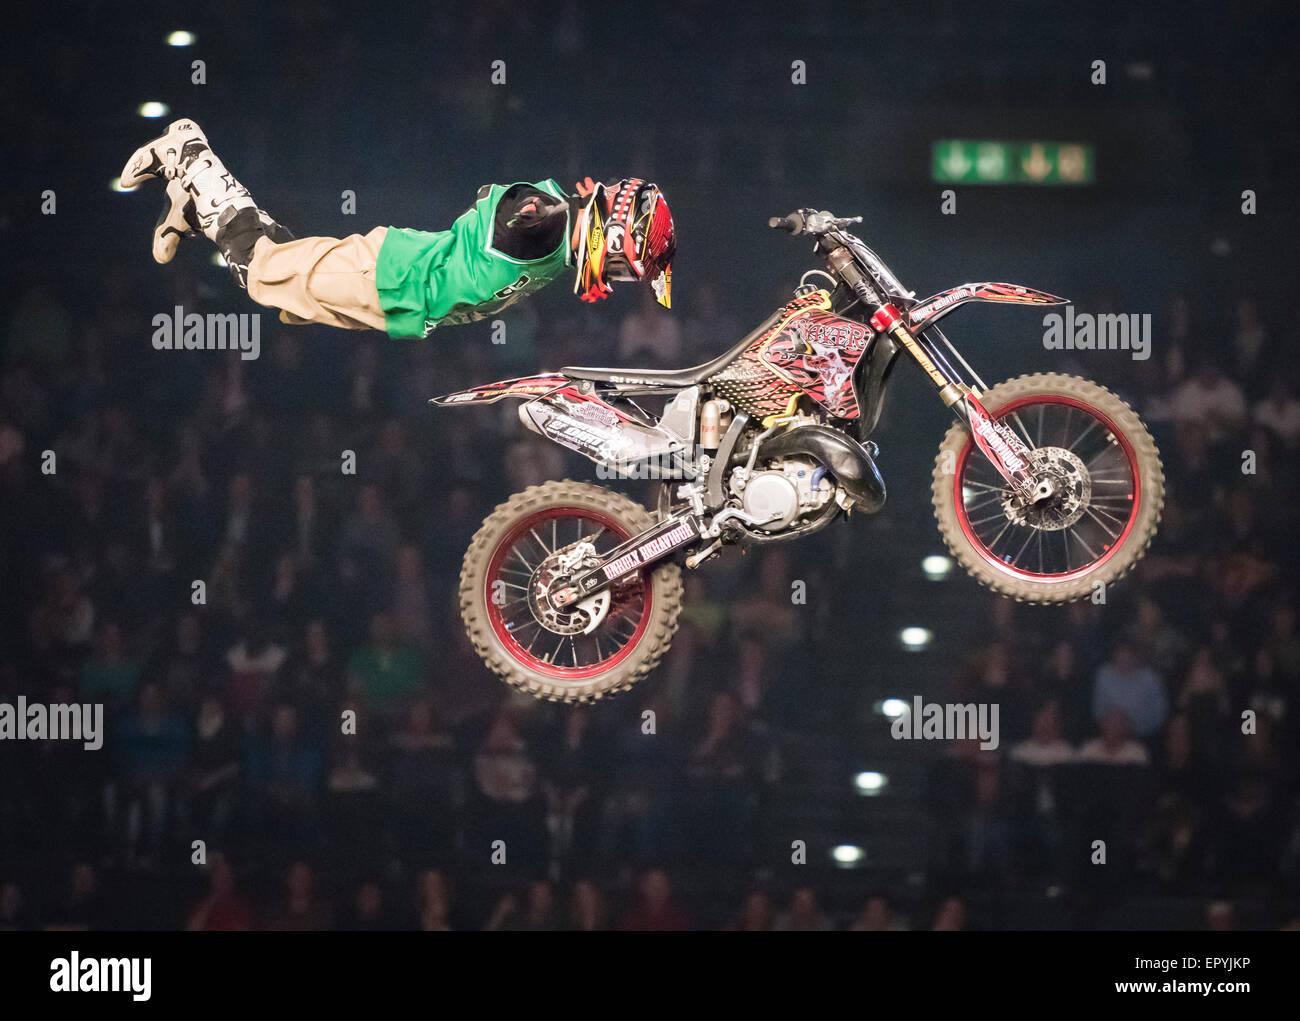 Zurigo, Svizzera. 22 Maggio, 2015. Spettacolare alta FMX salta al 'maestri di sporcizia' freestyle motocross Immagini Stock